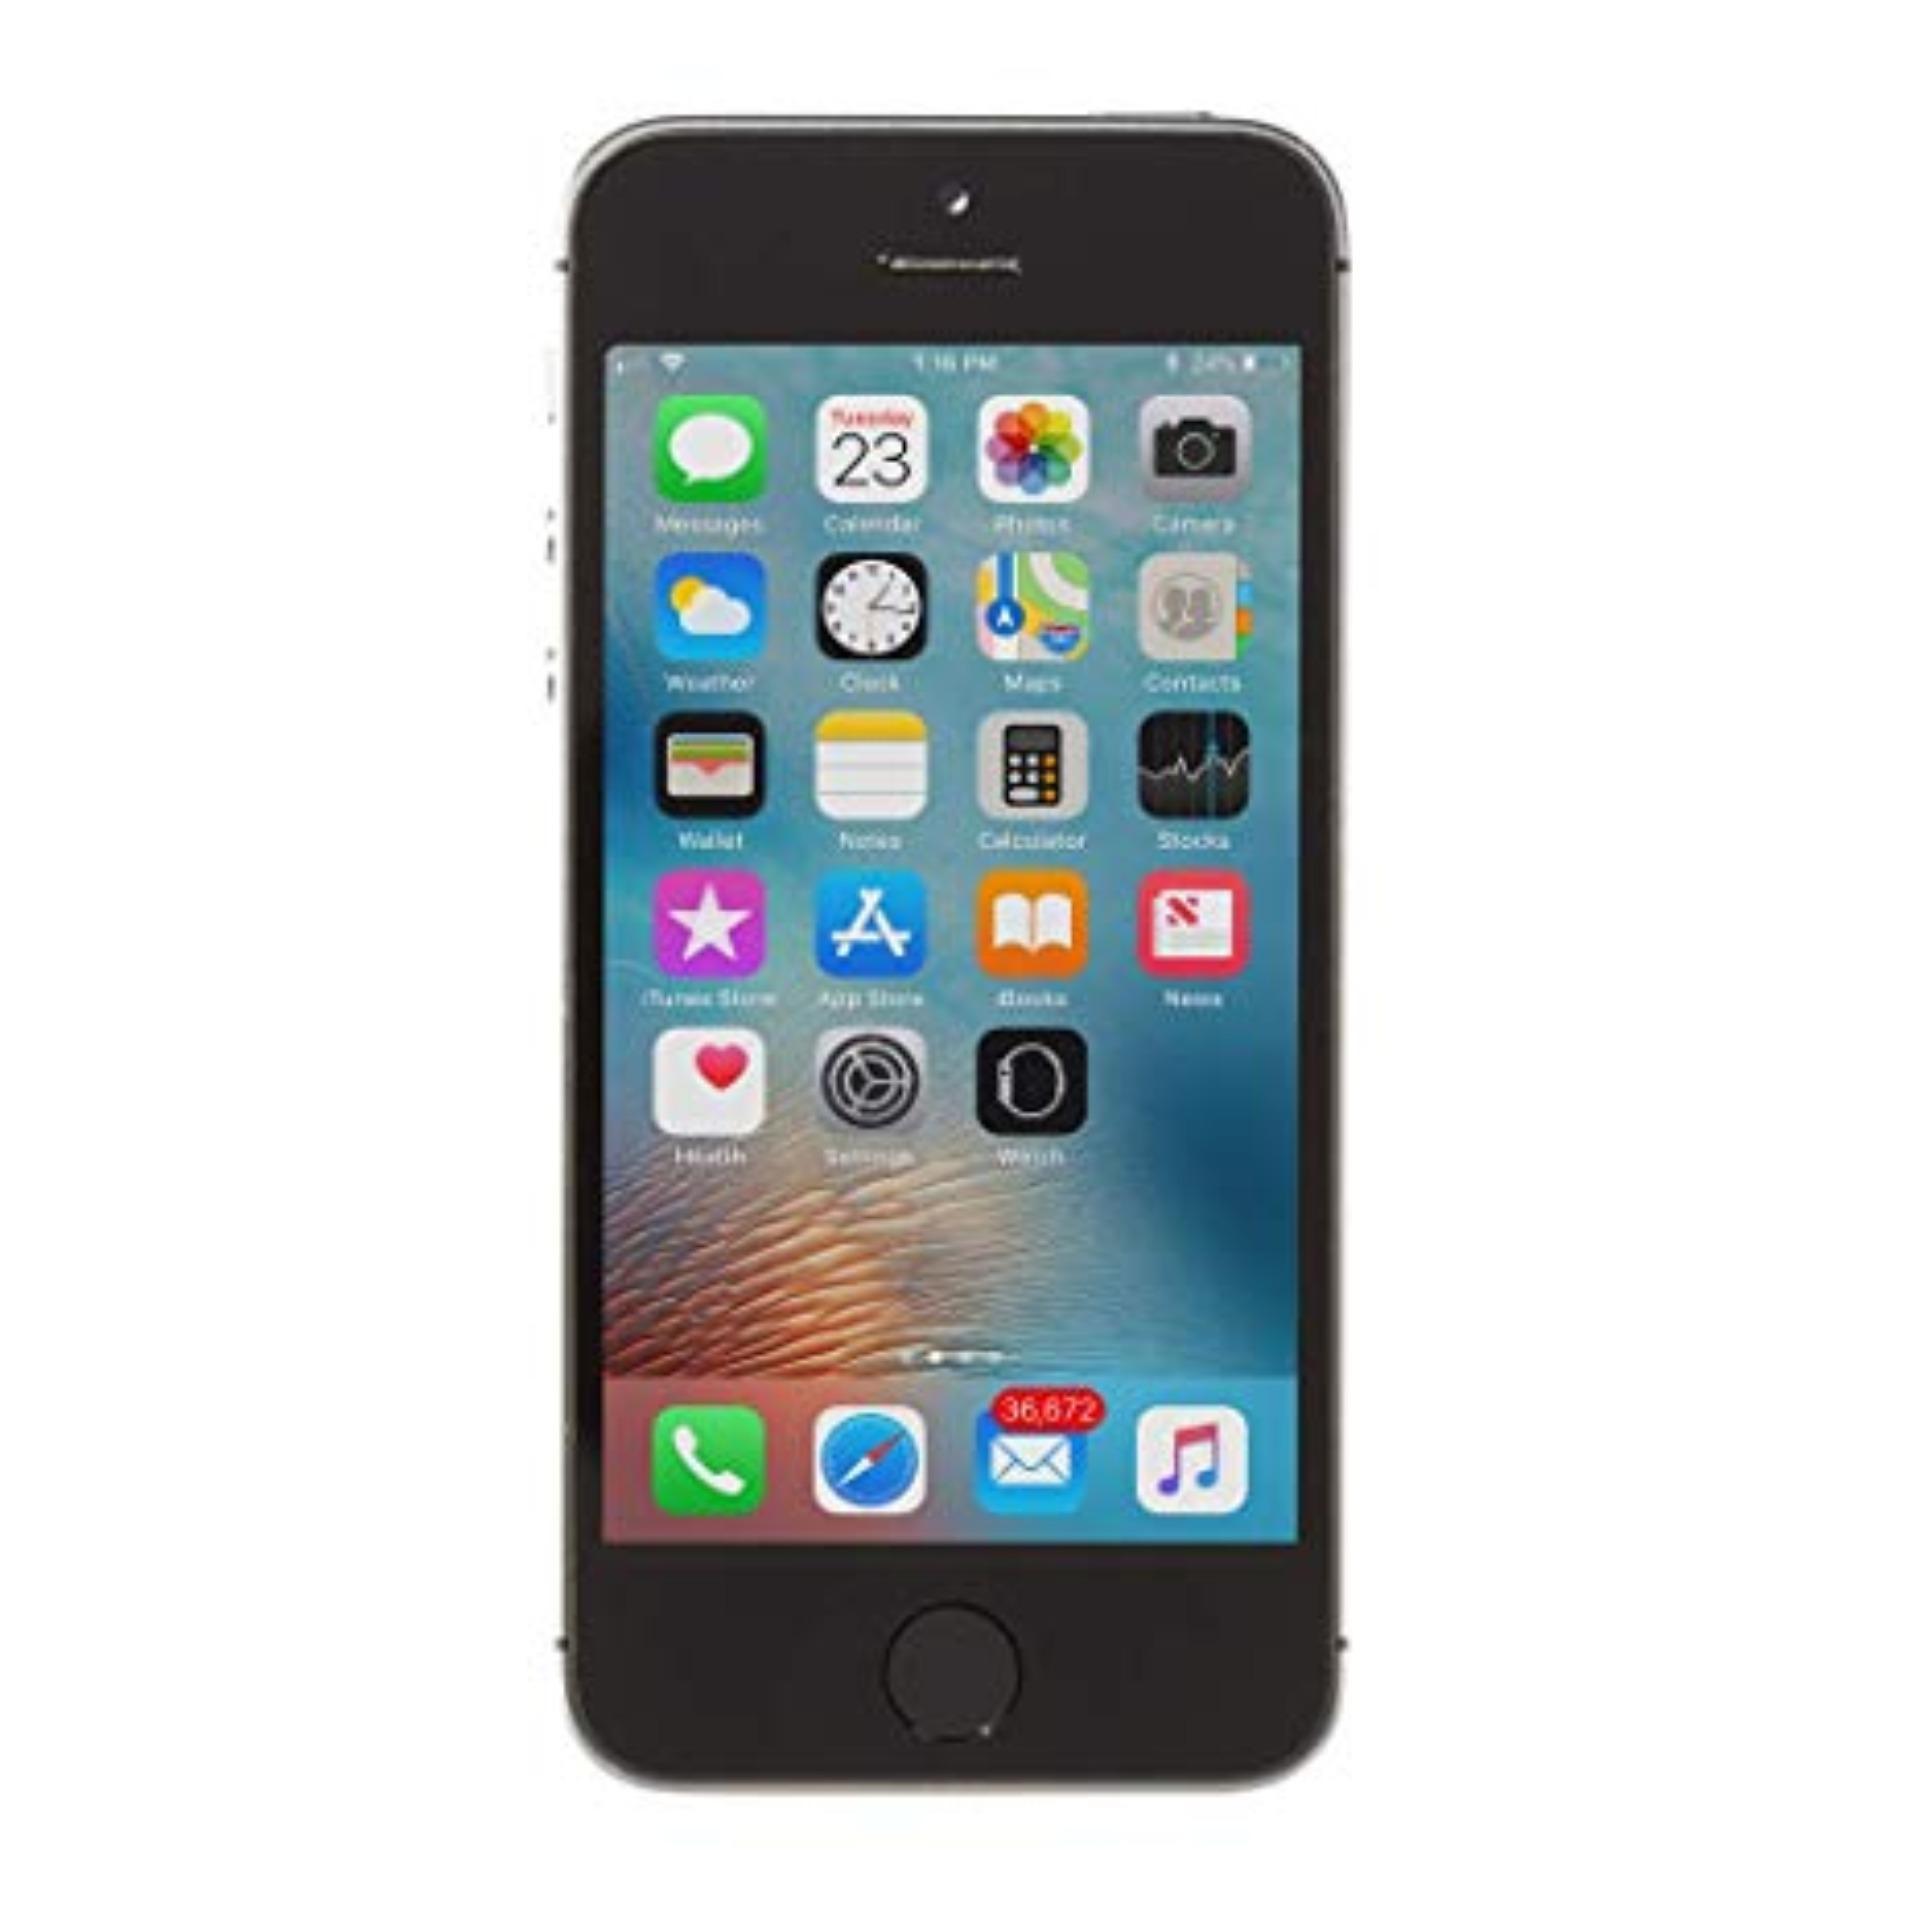 Điện Thoại Giá Rẻ IPHONE 5S - 16GB - FULL PHỤ KIỆN - Bảo Hành 12T - Thế Giới Táo Khuyết Giá Hot Siêu Giảm tại Lazada